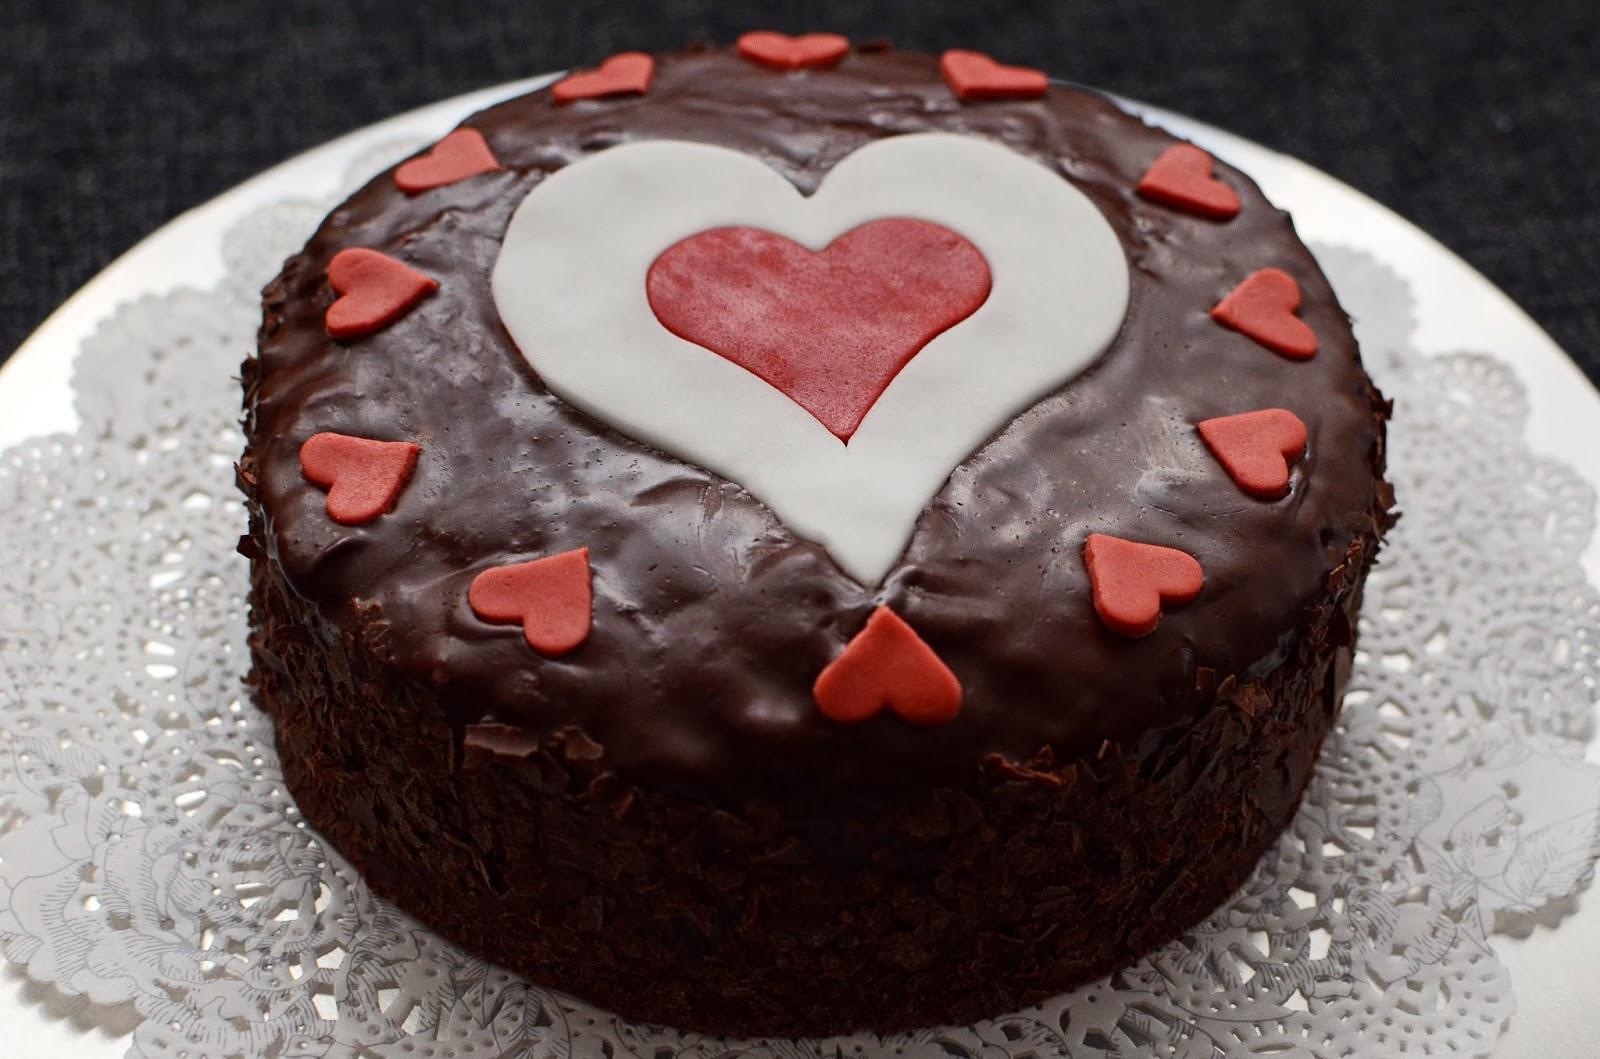 Da Liegt Es Ja Praktisch Auf Der Hand, Dass Ein Saftig Zarter Schoko Apfel  Kuchen Den Romantischen Tag Perfekt Macht   Wenn Ihr Ihn Denn ...